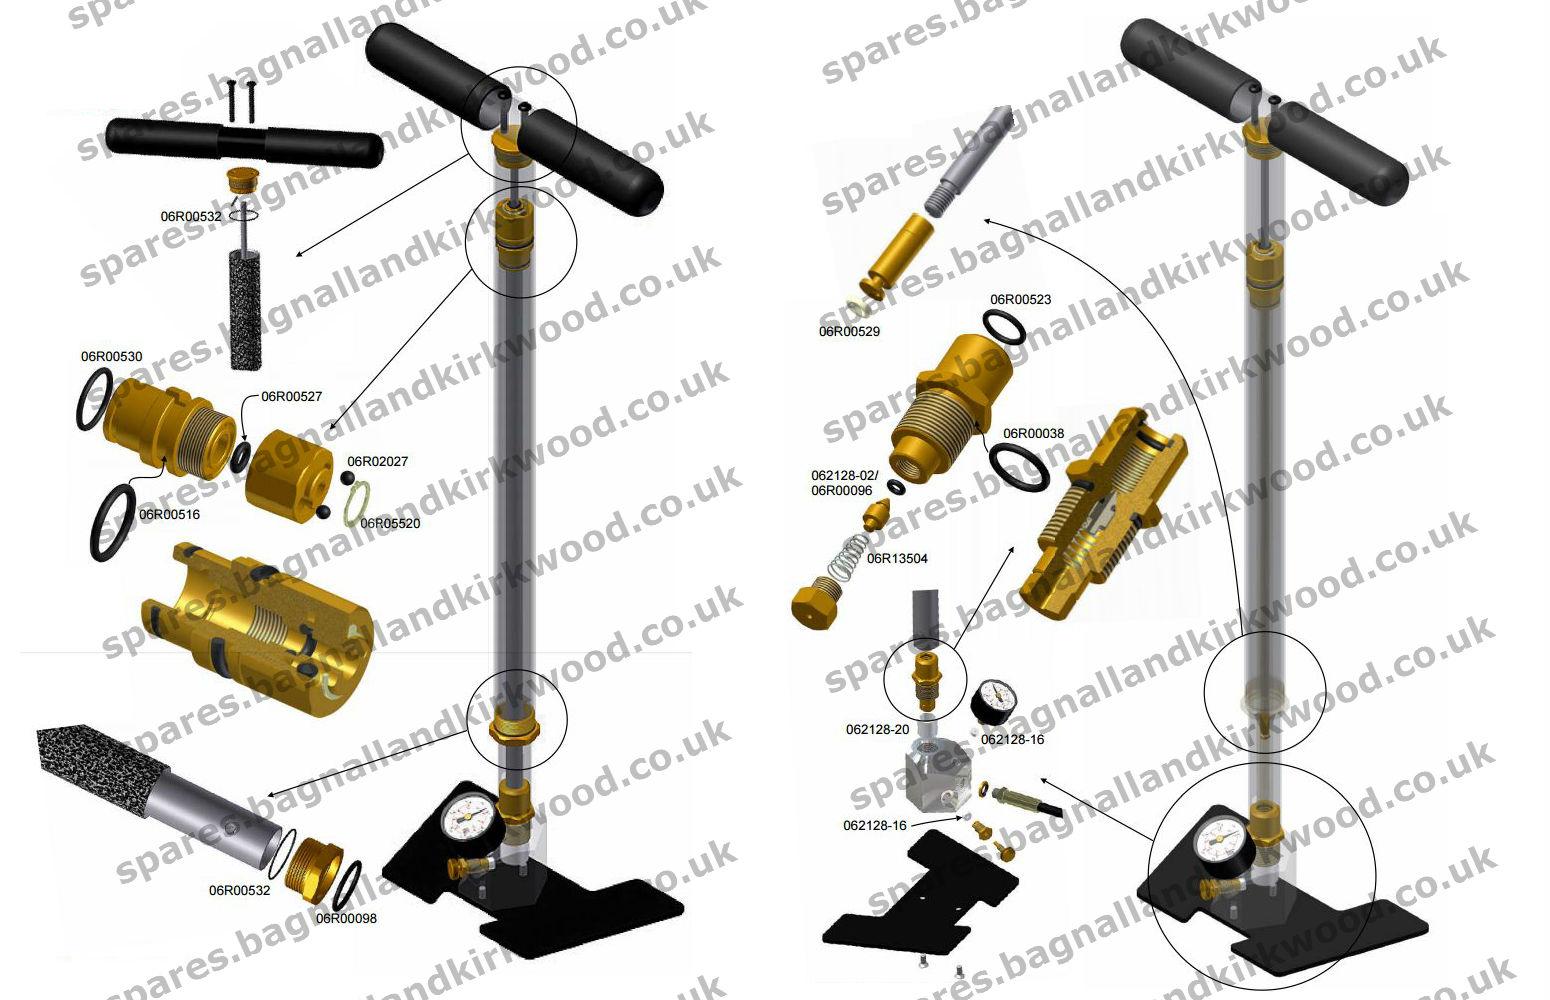 Bsa Air Rifle Hand Pumps